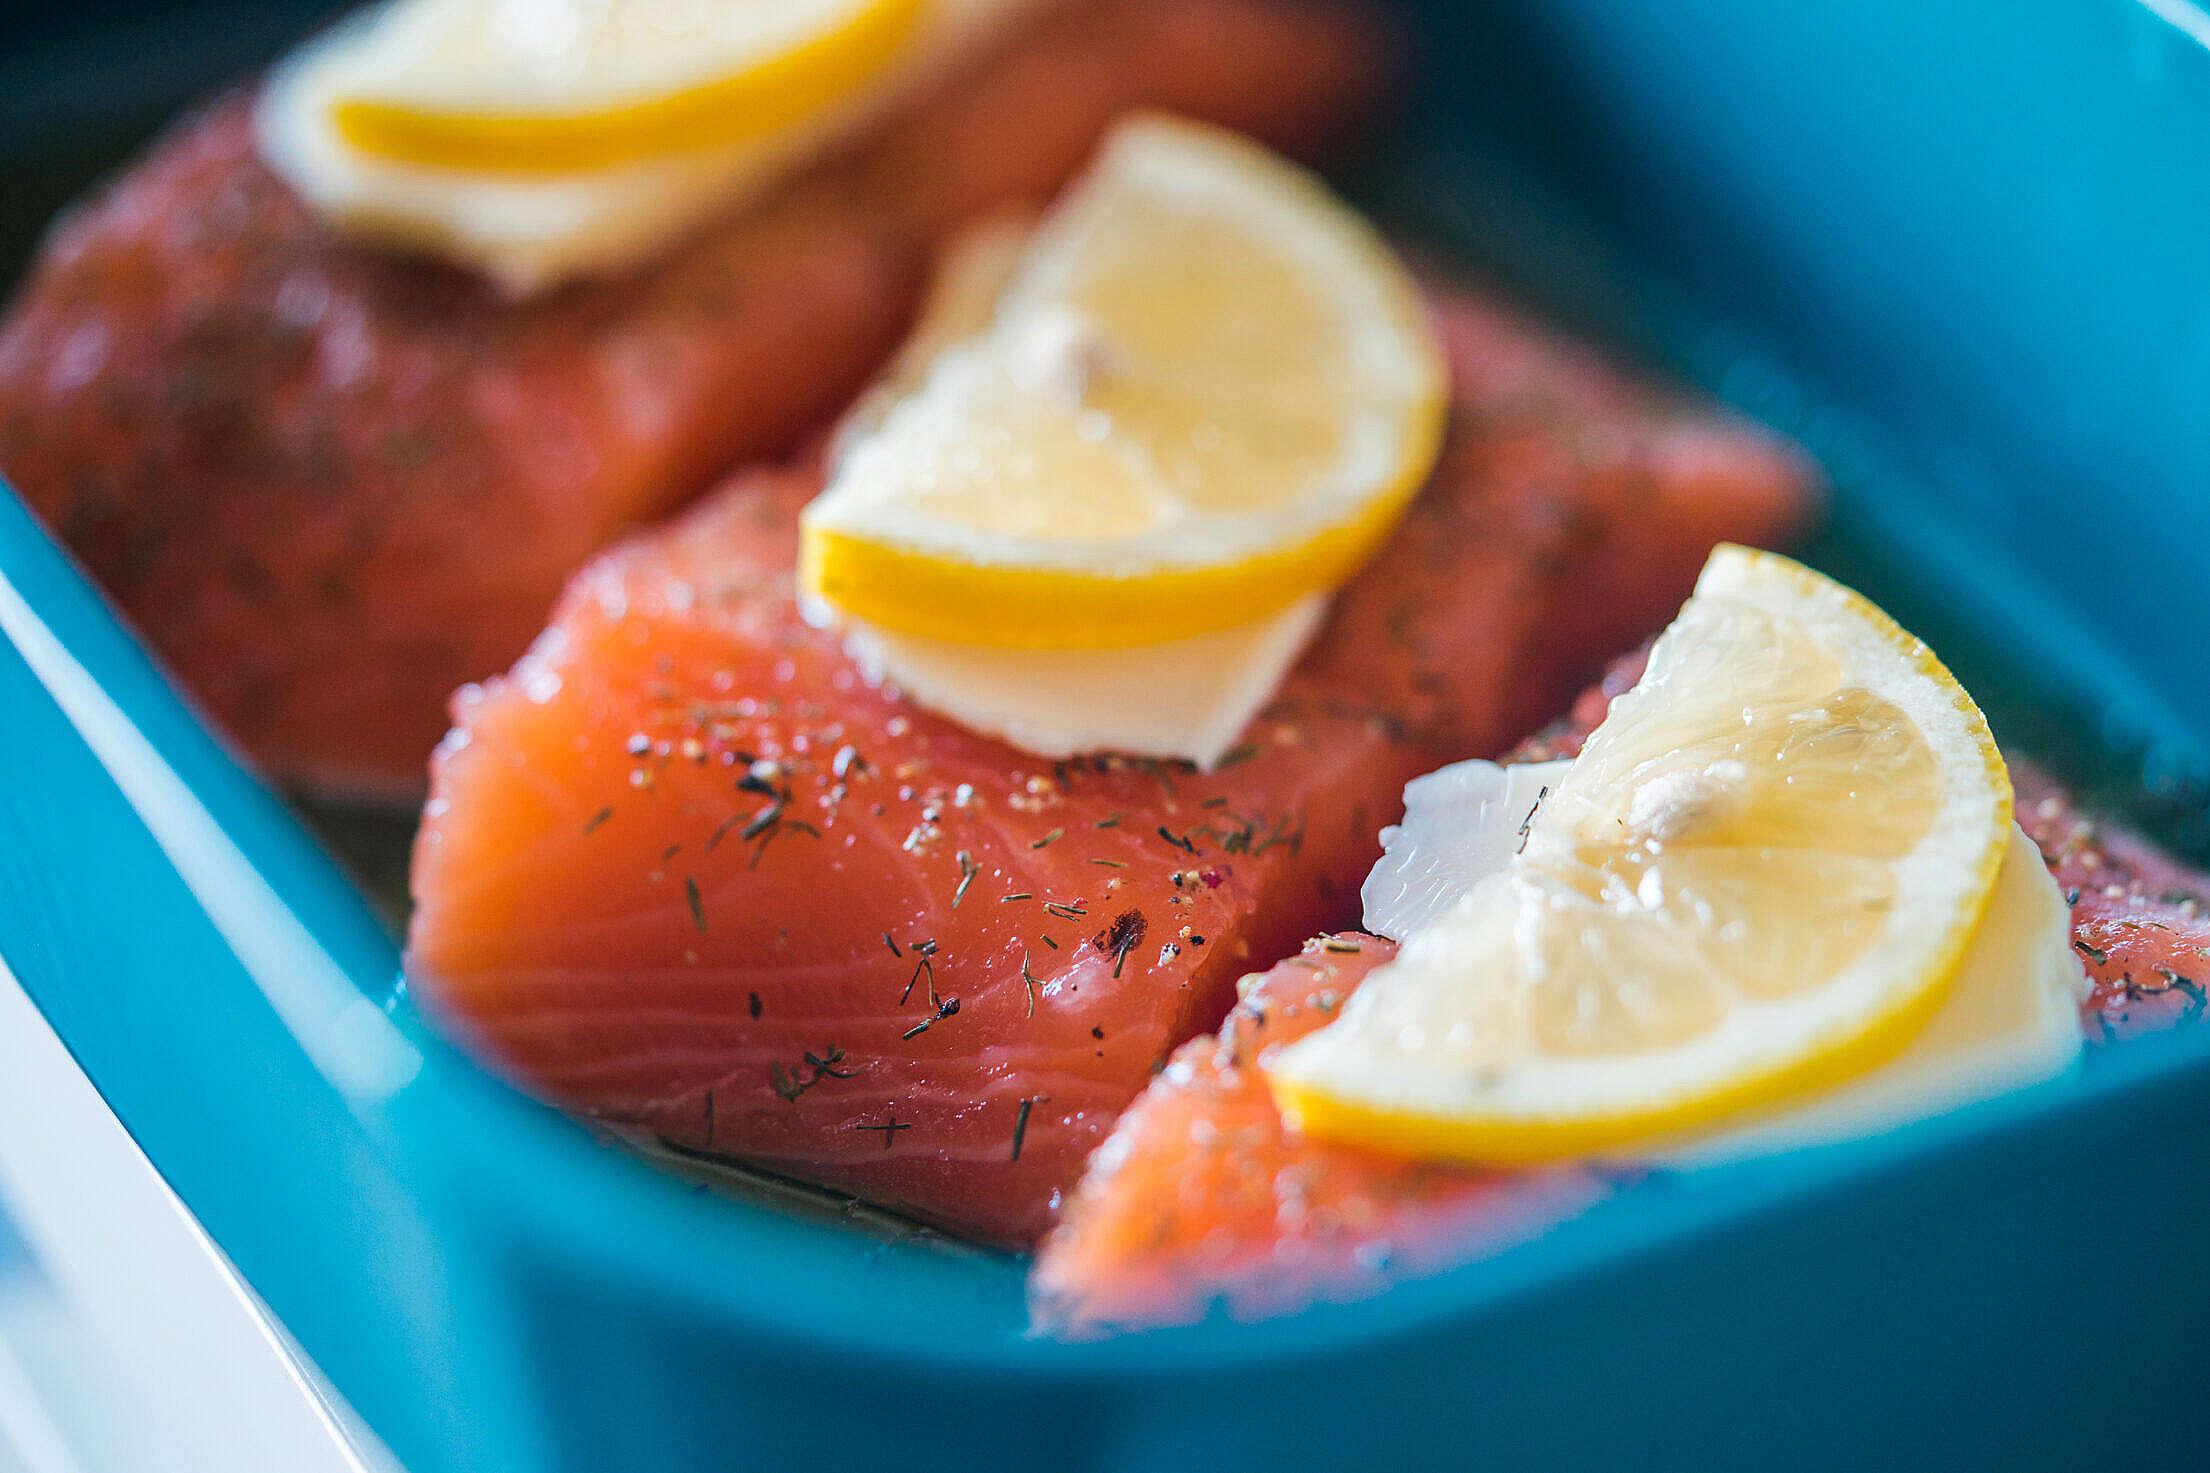 Preparing Baked Salmon Free Stock Photo